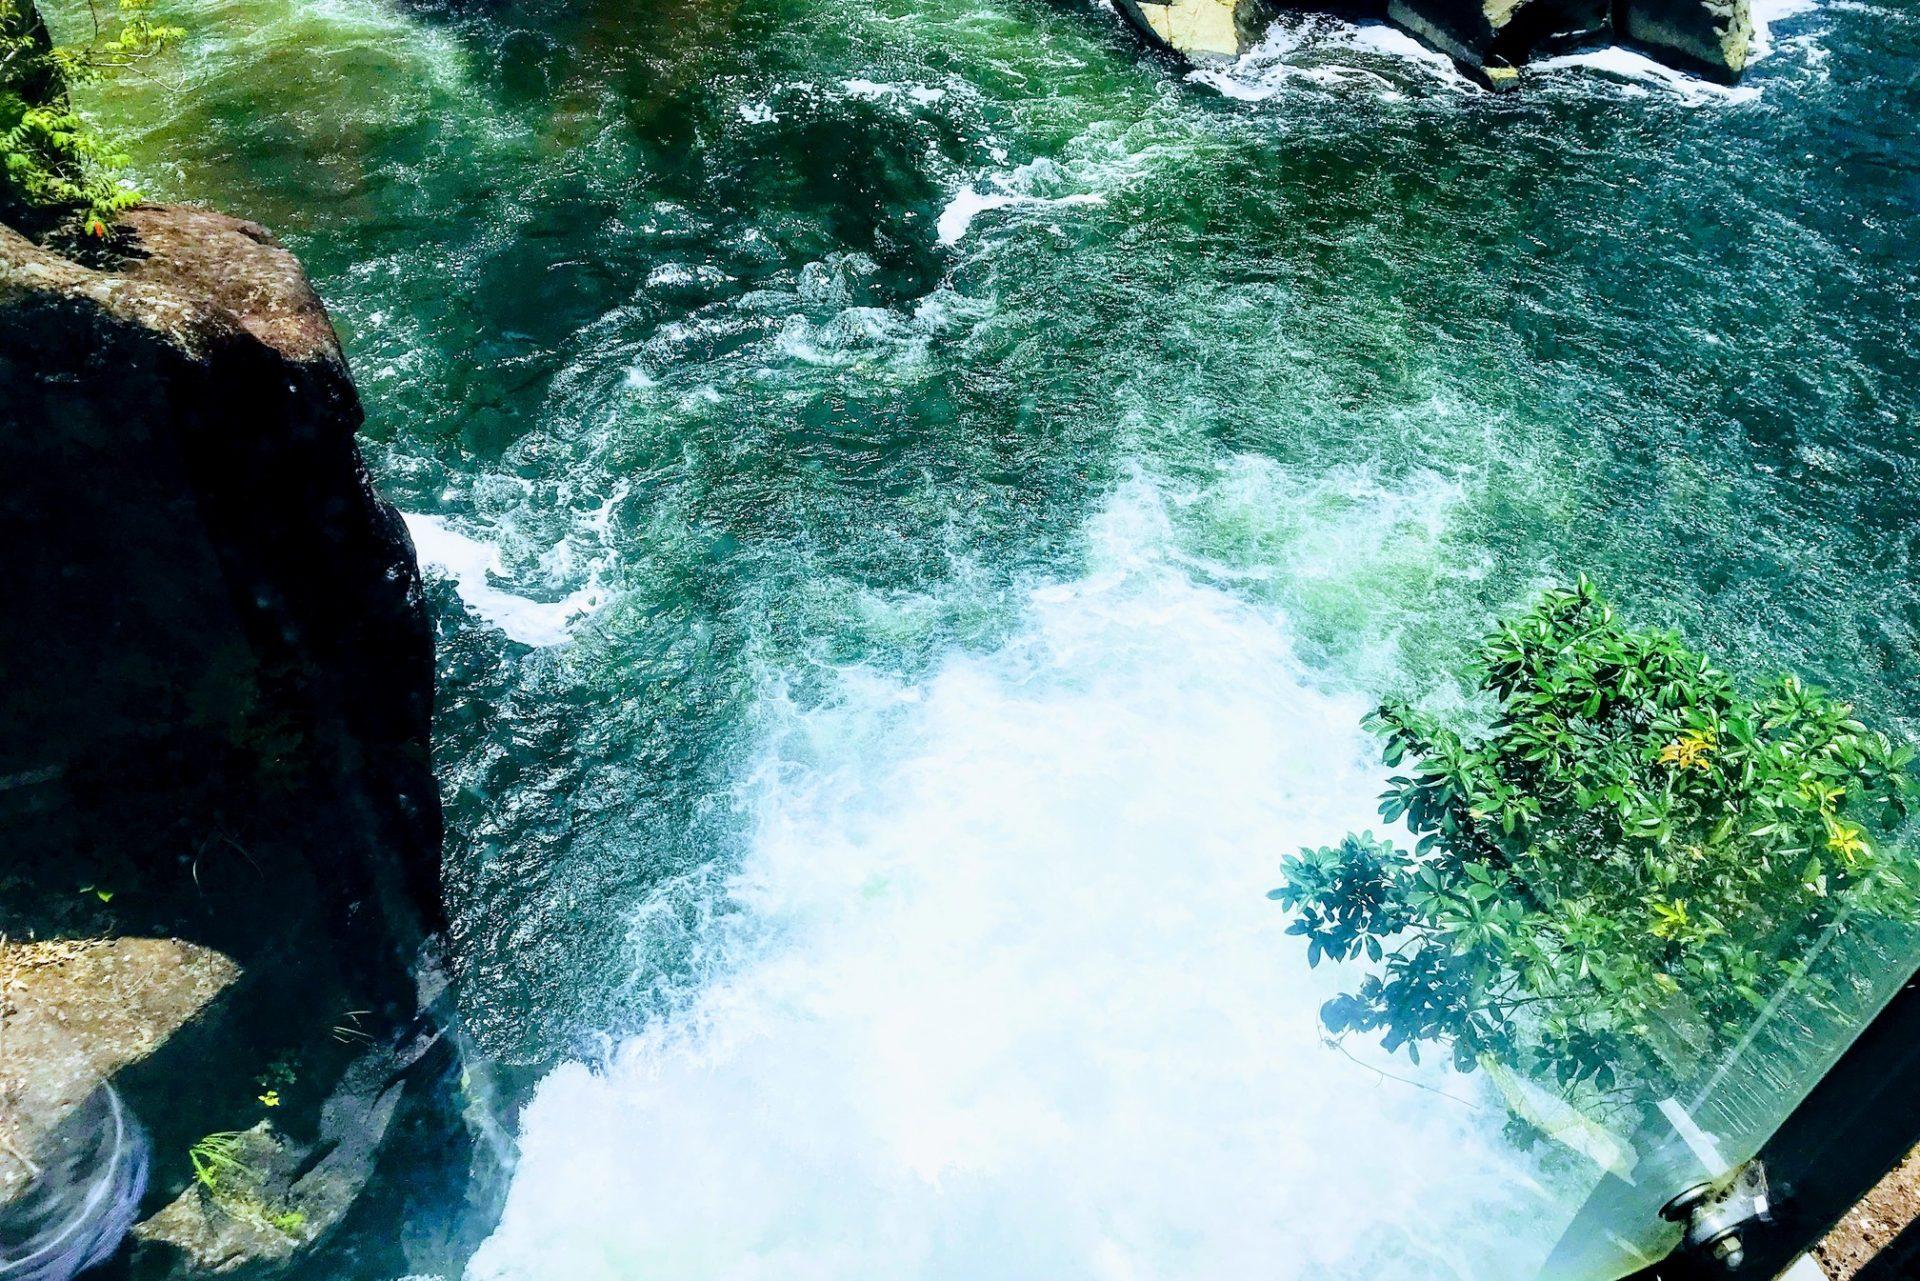 豊臣秀吉 島津義久 新納忠元 東洋のナイアガラ 曽木の滝 伊佐市 川内川 曽木の滝公園